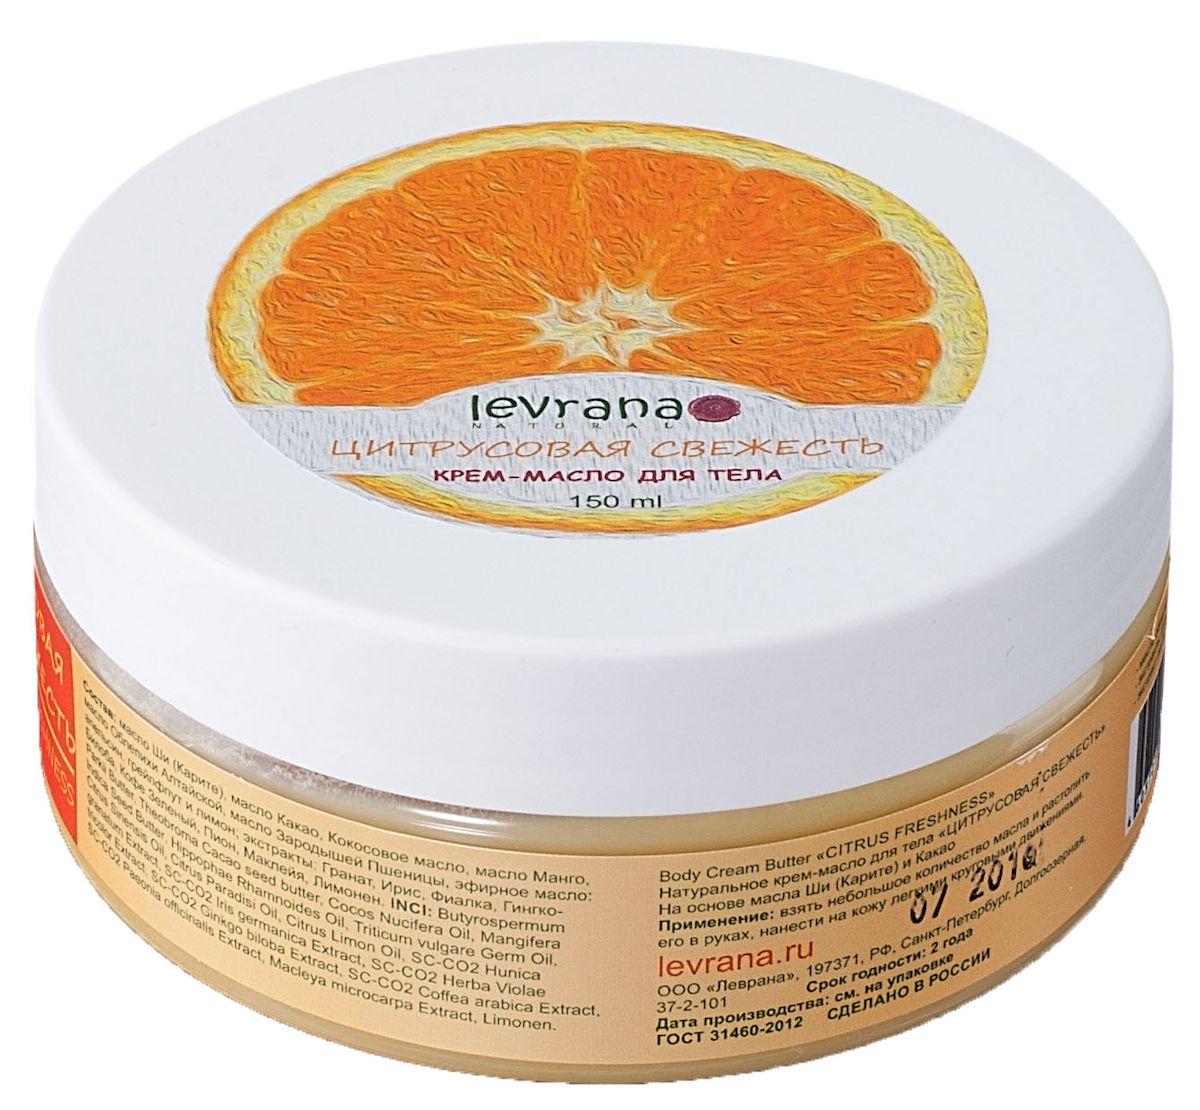 Levrana Крем-масло Цитрусовая свежесть, 150 мл42456Используйте крем-масло для всего тела сразу после банных процедур, оно приятно смягчает и увлажняет кожу, а также насыщает ее витаминами.